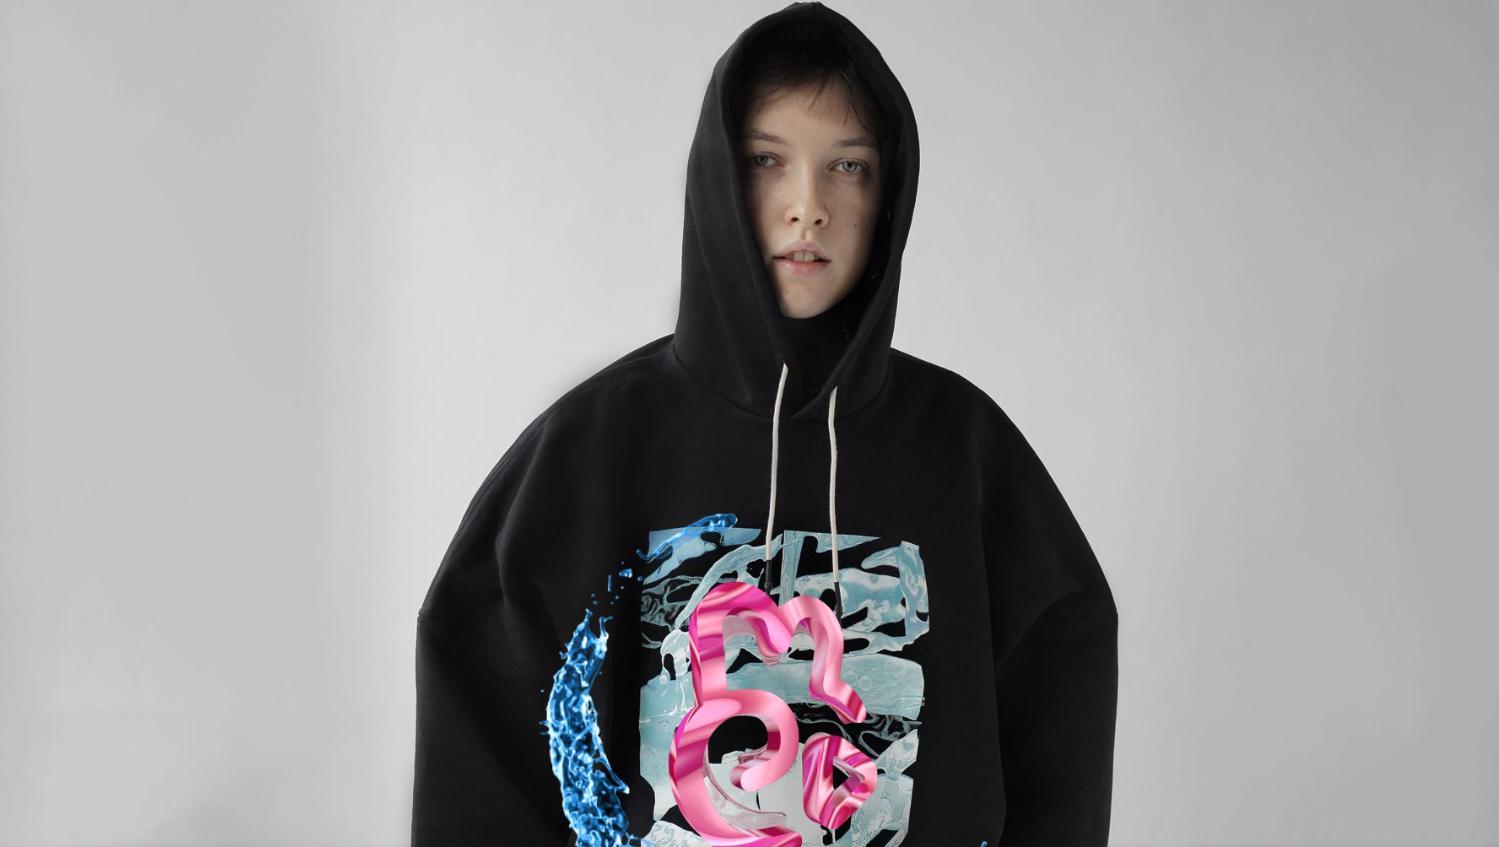 Esthetic Joys анонсировал выпуск коллекции одежды с эффектом дополненной реальности